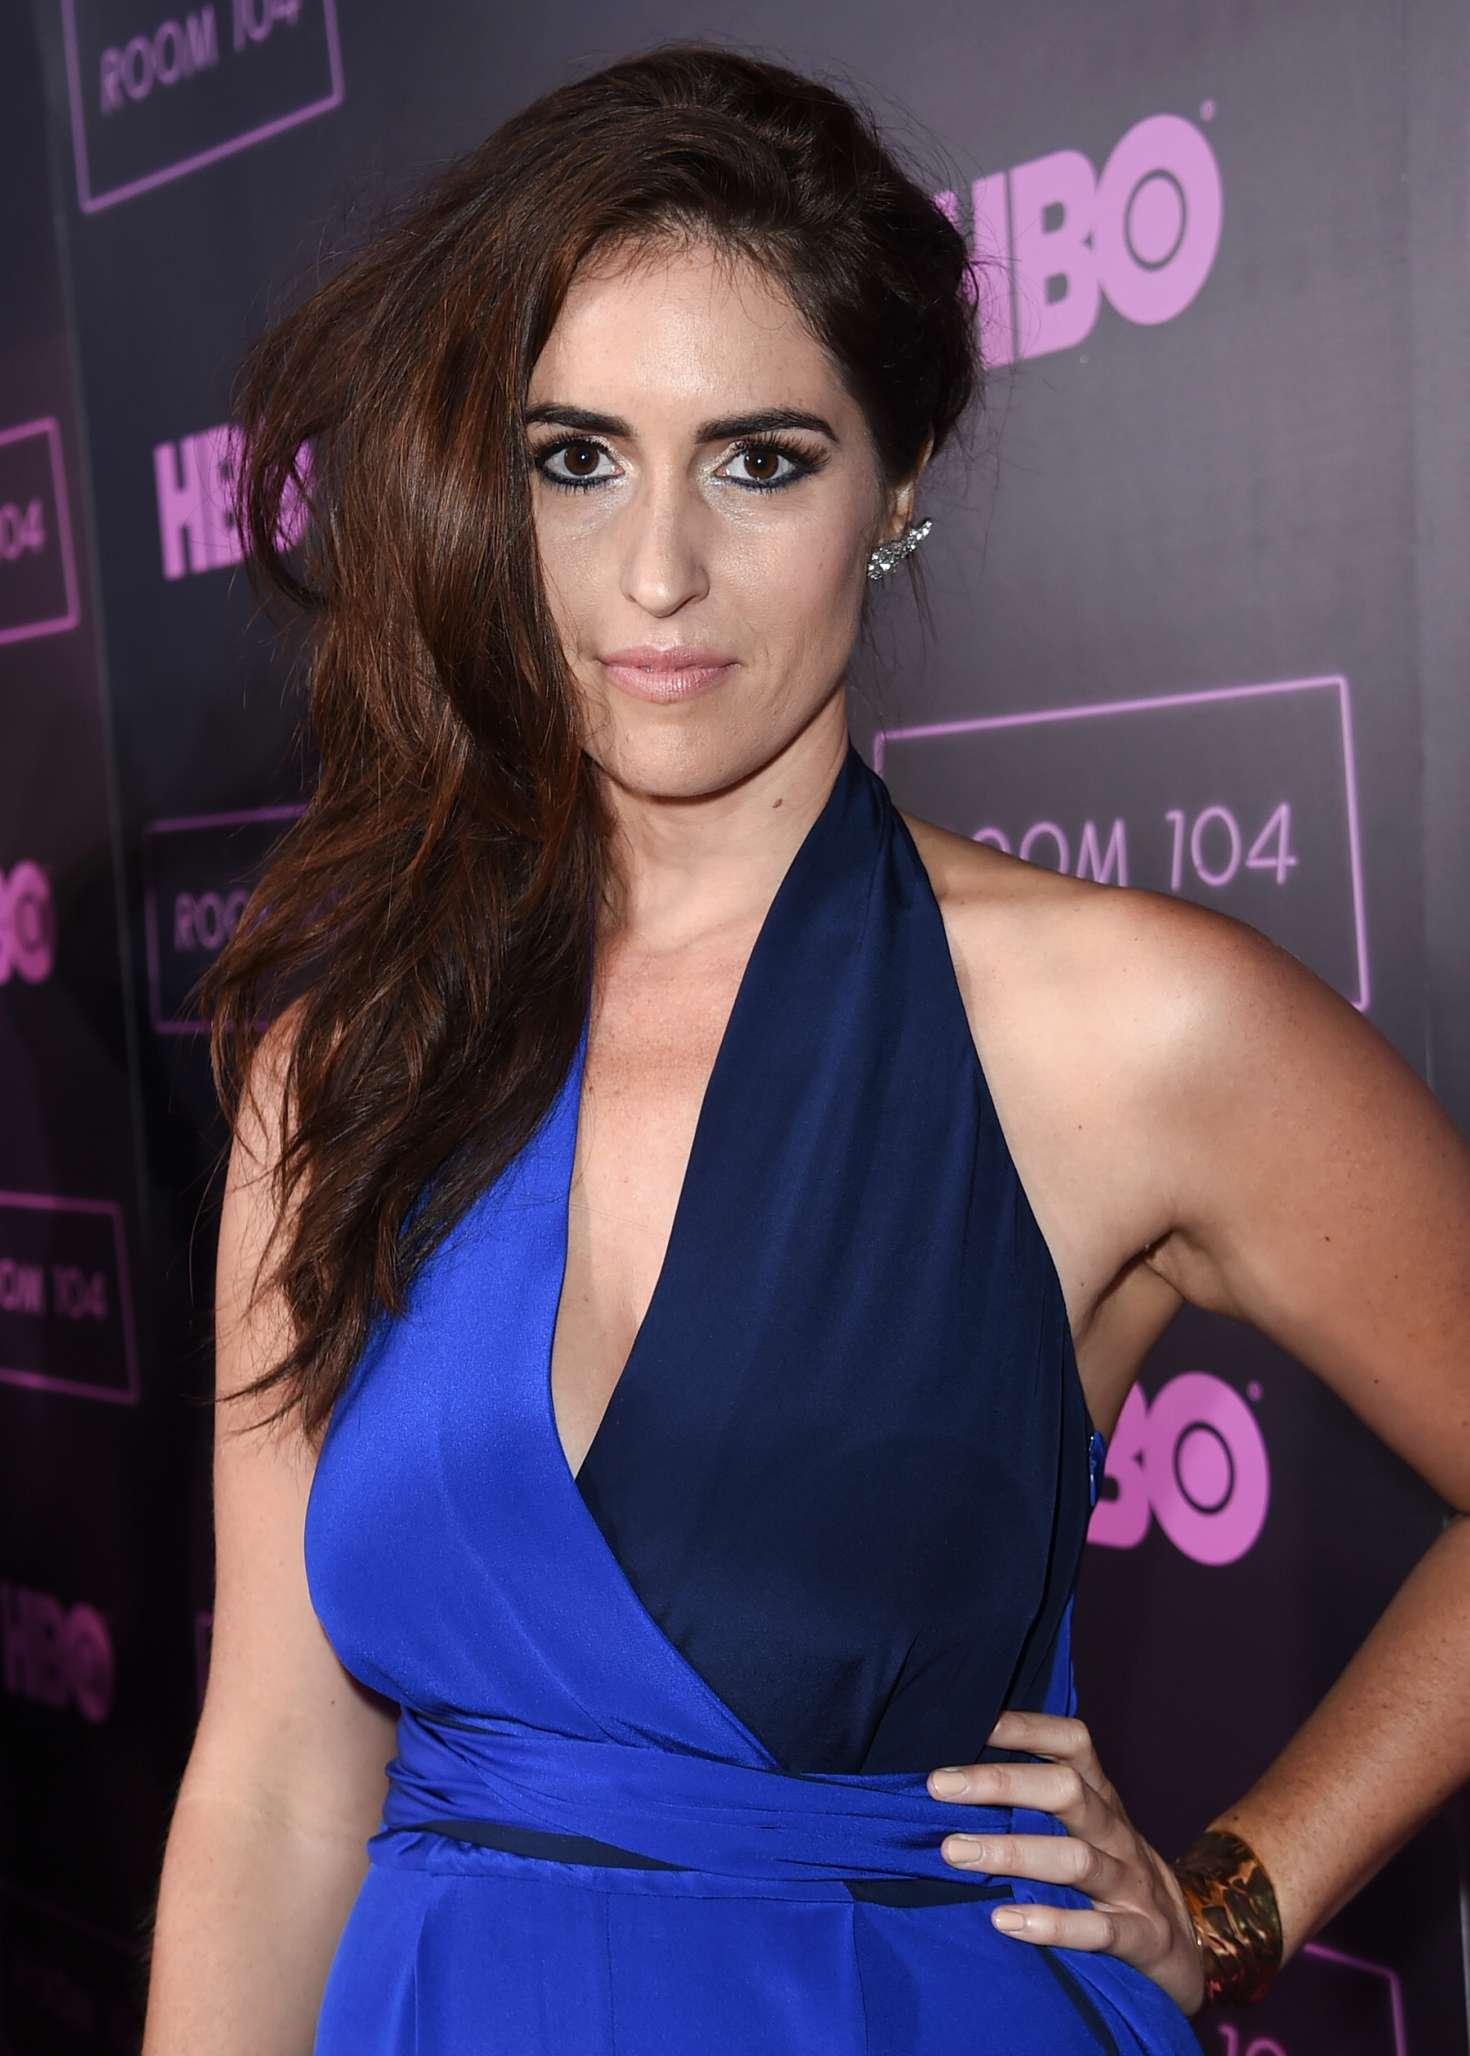 Davie-Blue en robe très décolletée